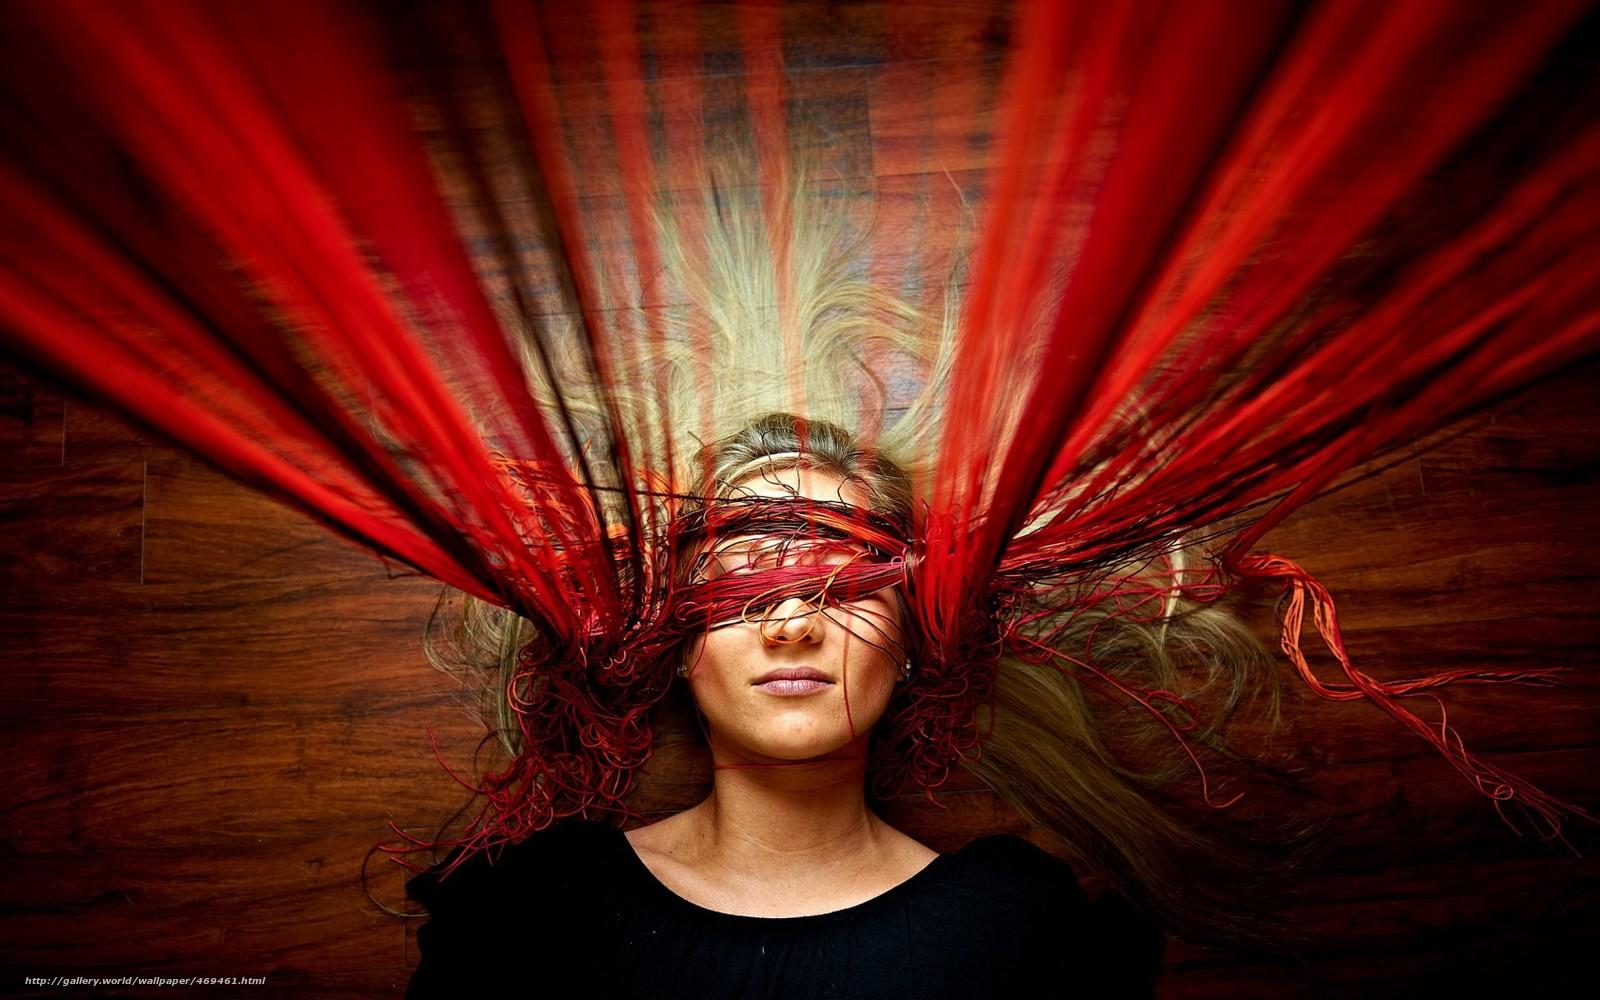 Фото девушка в паутине, Фото: Девушка, которая застряла в паутине Кадр из 6 фотография